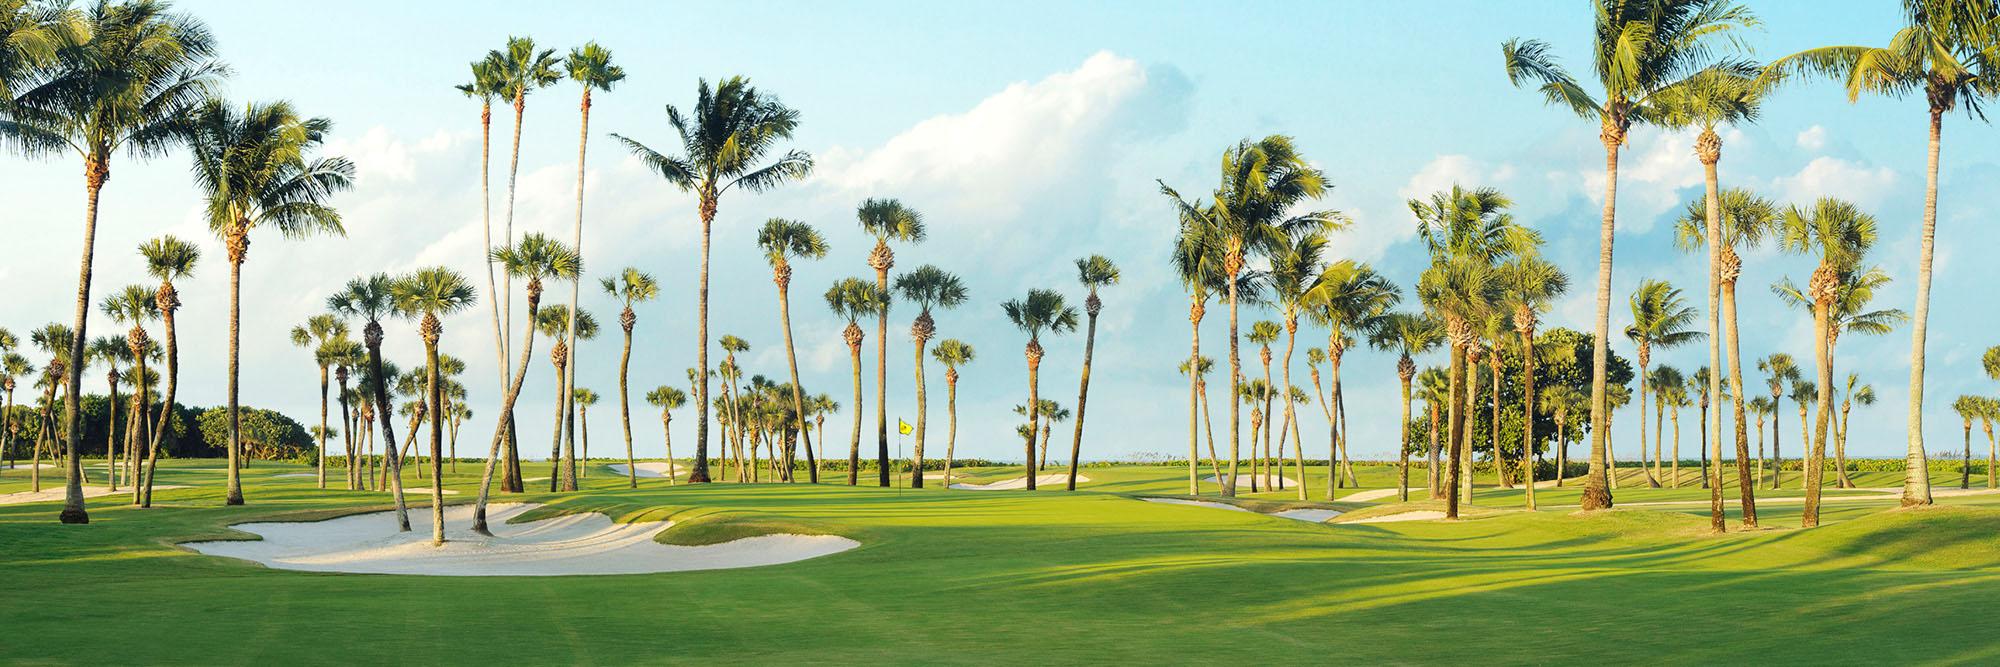 Golf Course Image - Riomar No. 5